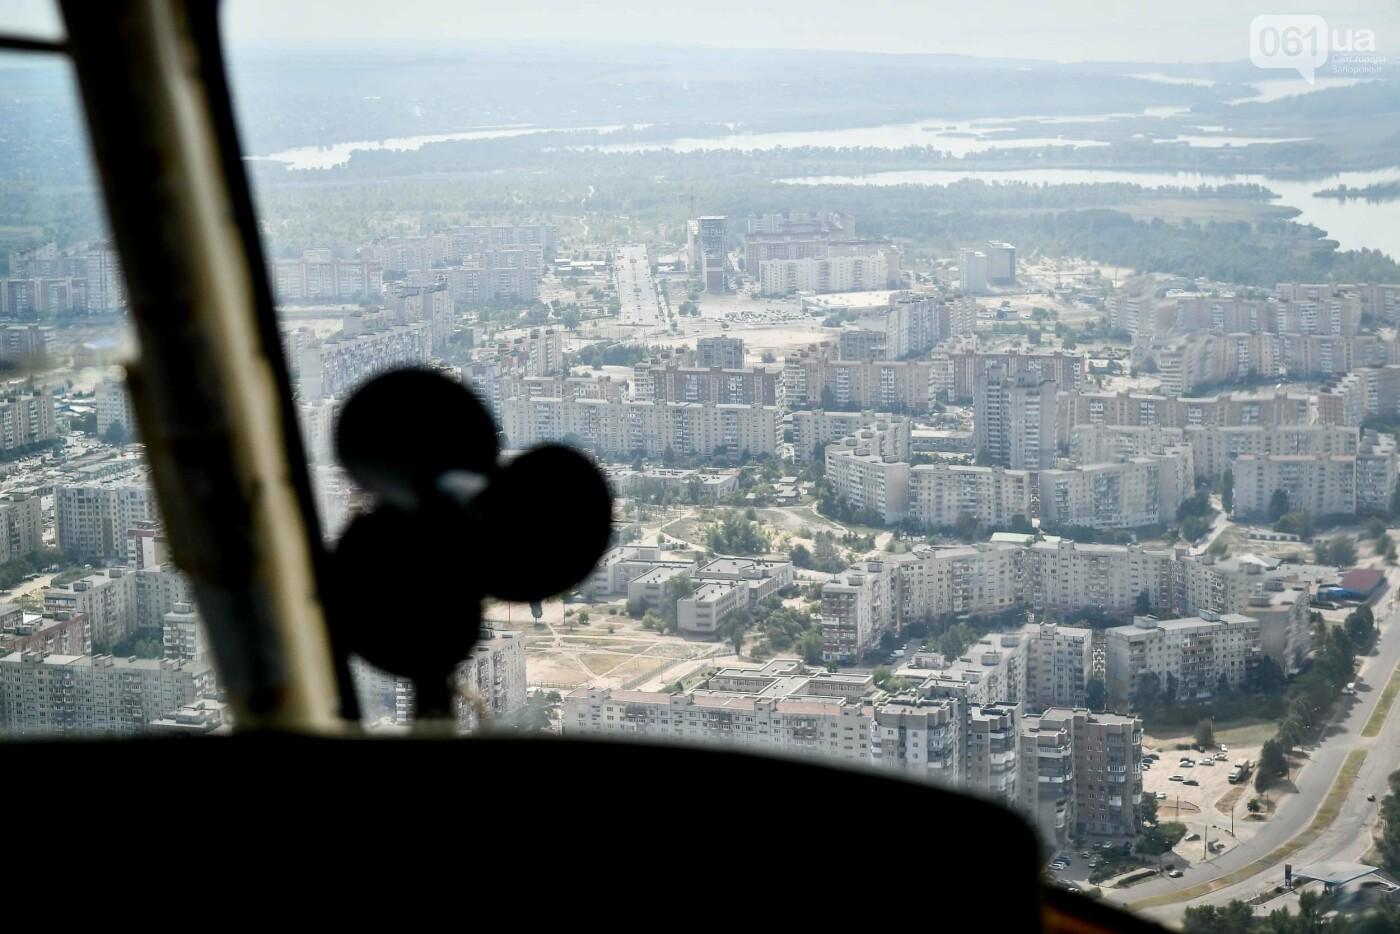 """""""Город красивый, если бы только заводы не дымили"""": запорожцам показали город с высоты птичьего полета, - ФОТОРЕПОРТАЖ, фото-36"""